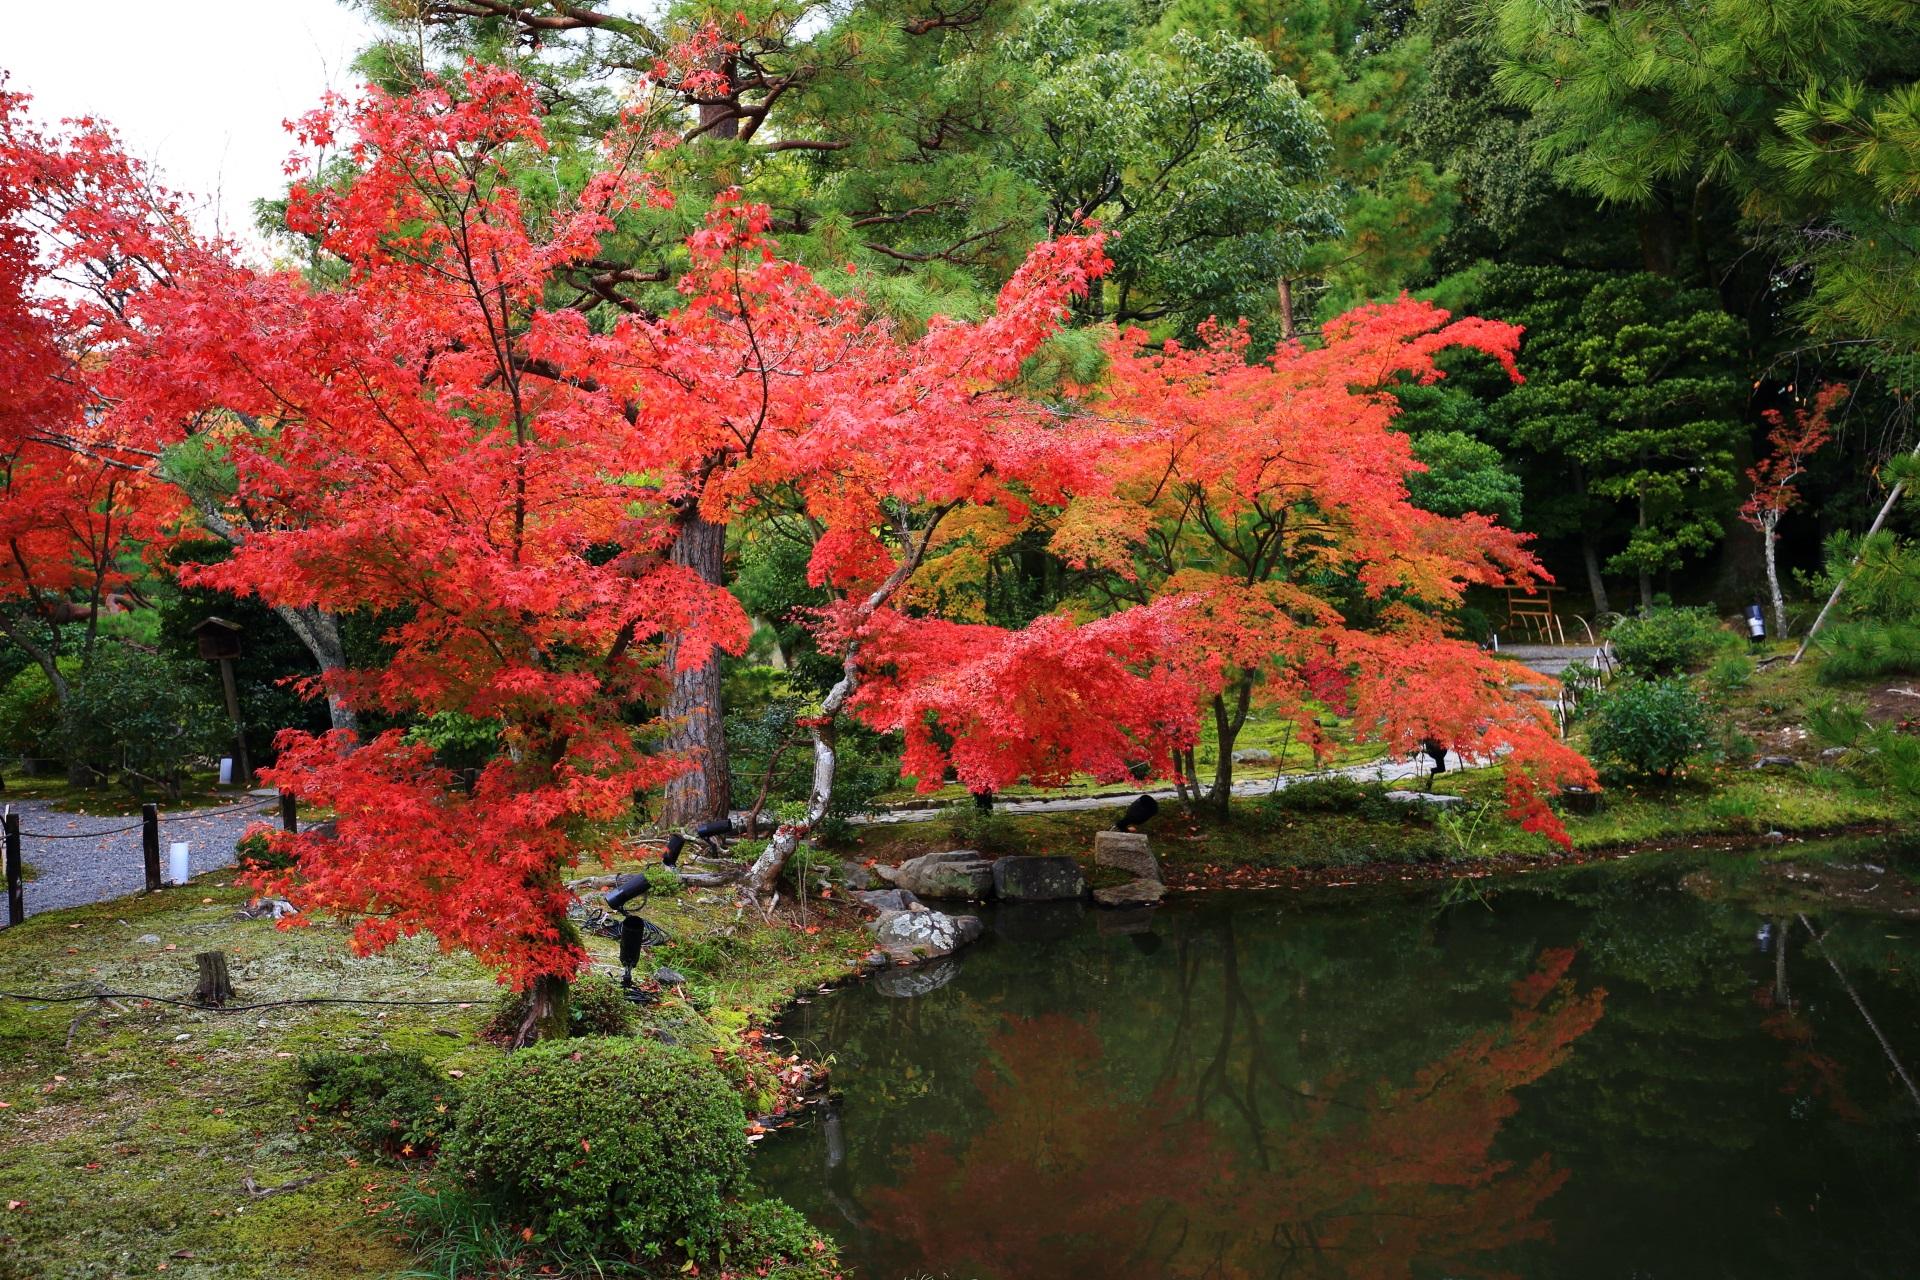 等持院の水辺を彩る鮮やかな紅葉